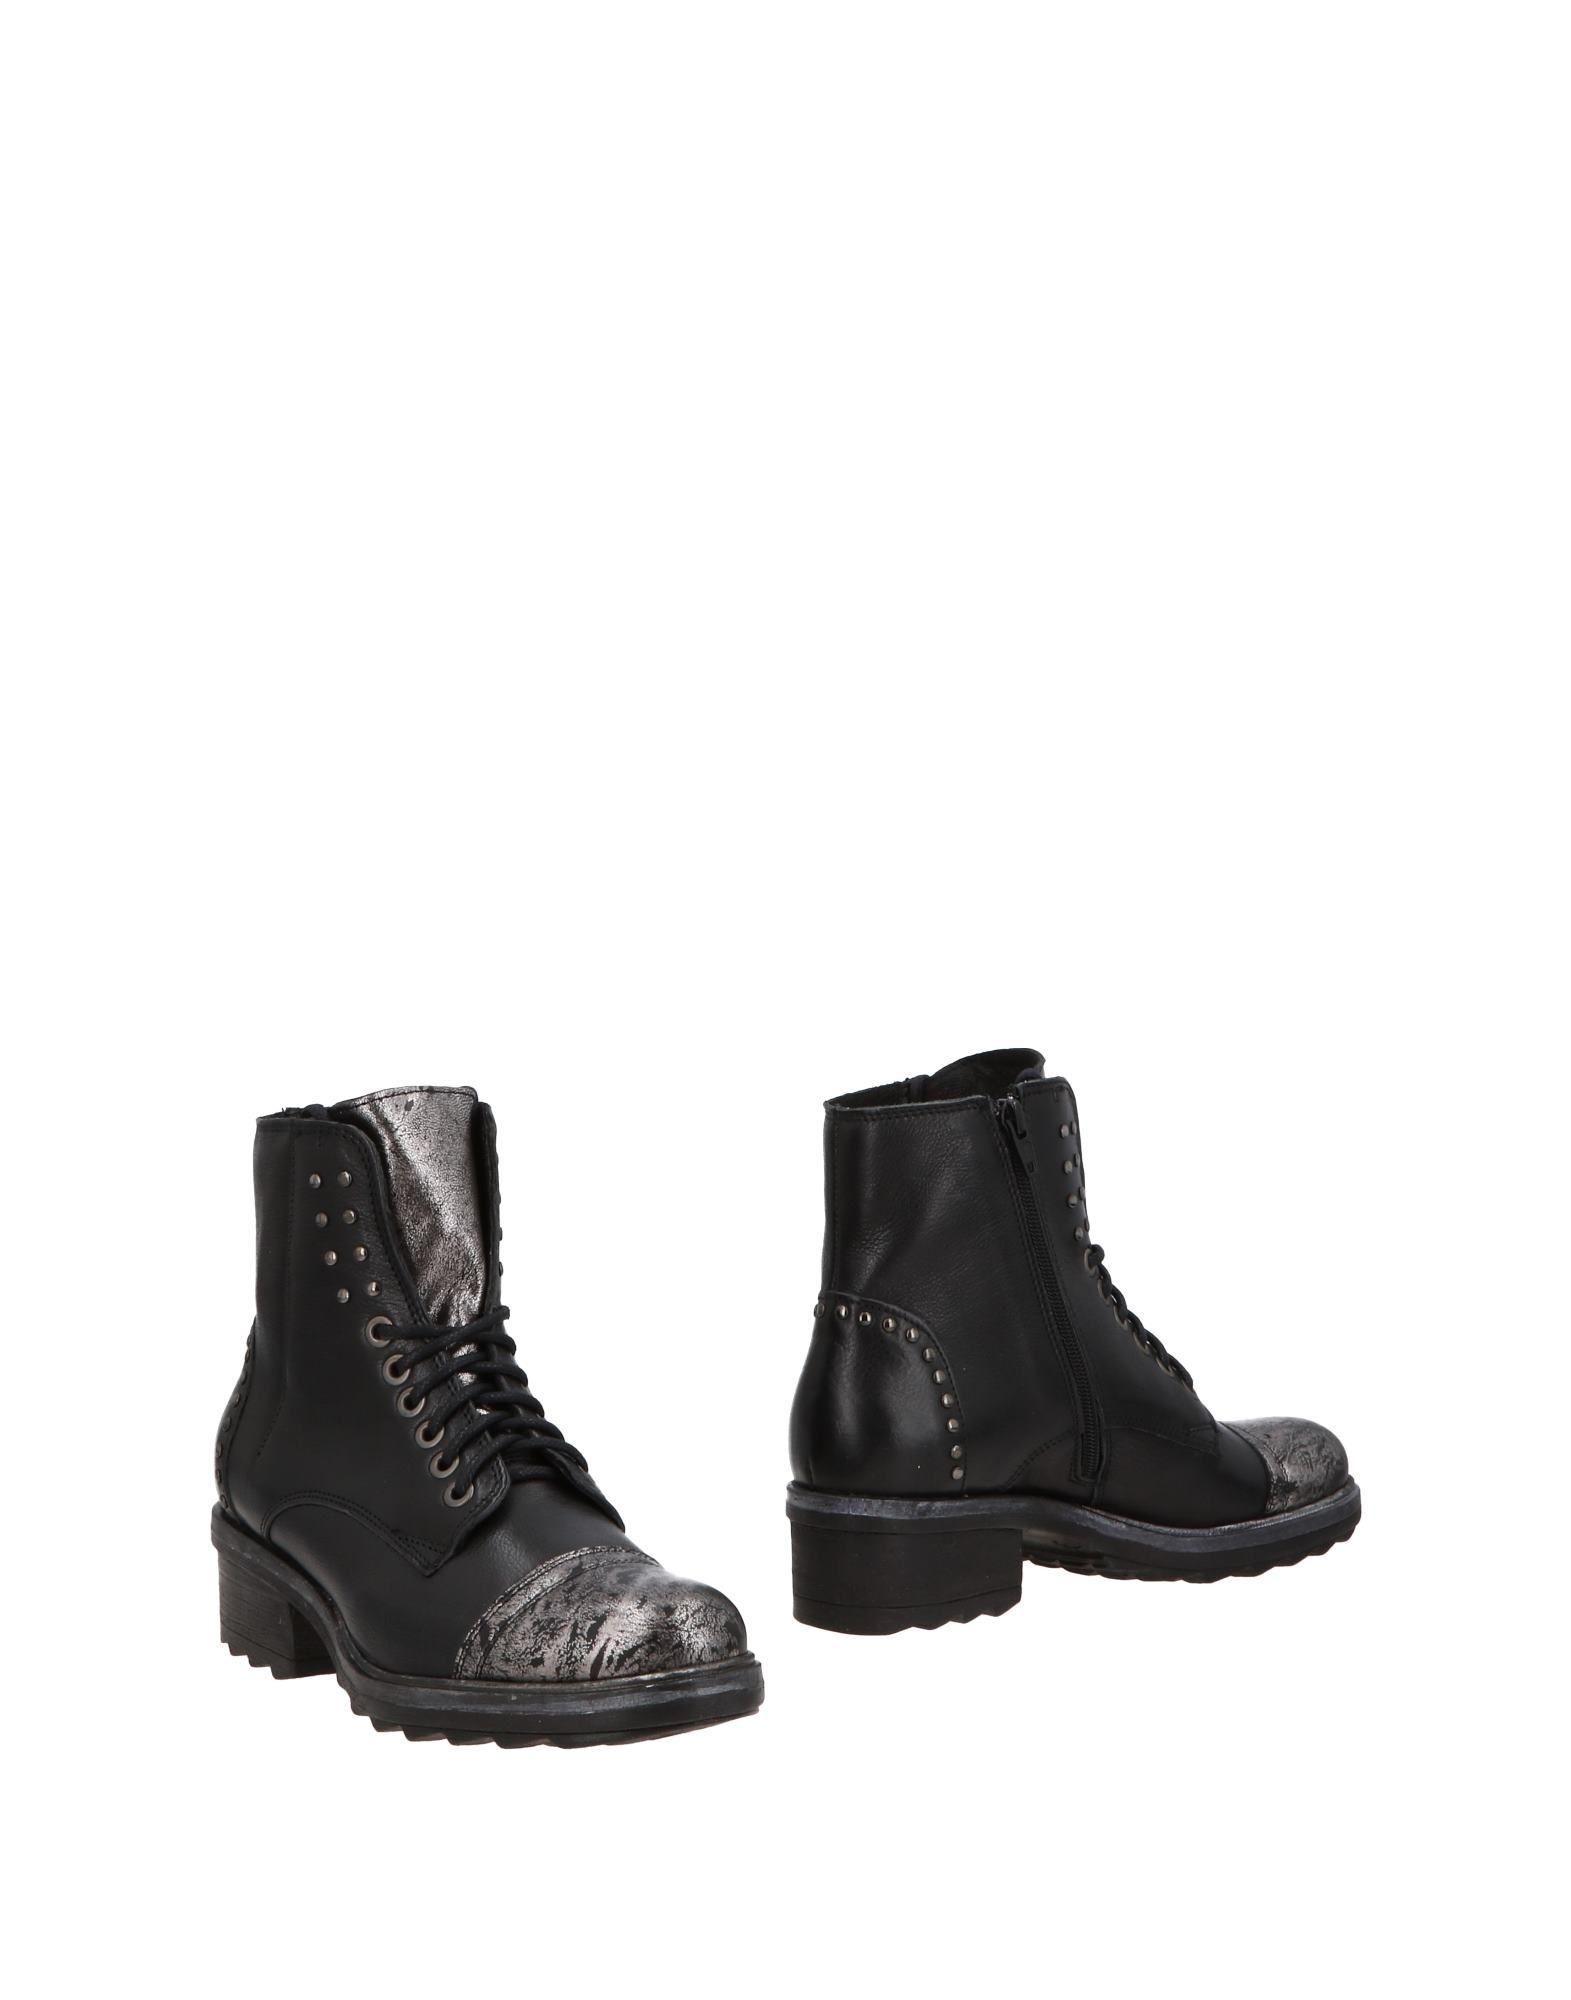 Khrio' Stiefelette Qualität Damen  11491999HC Gute Qualität Stiefelette beliebte Schuhe 59997b